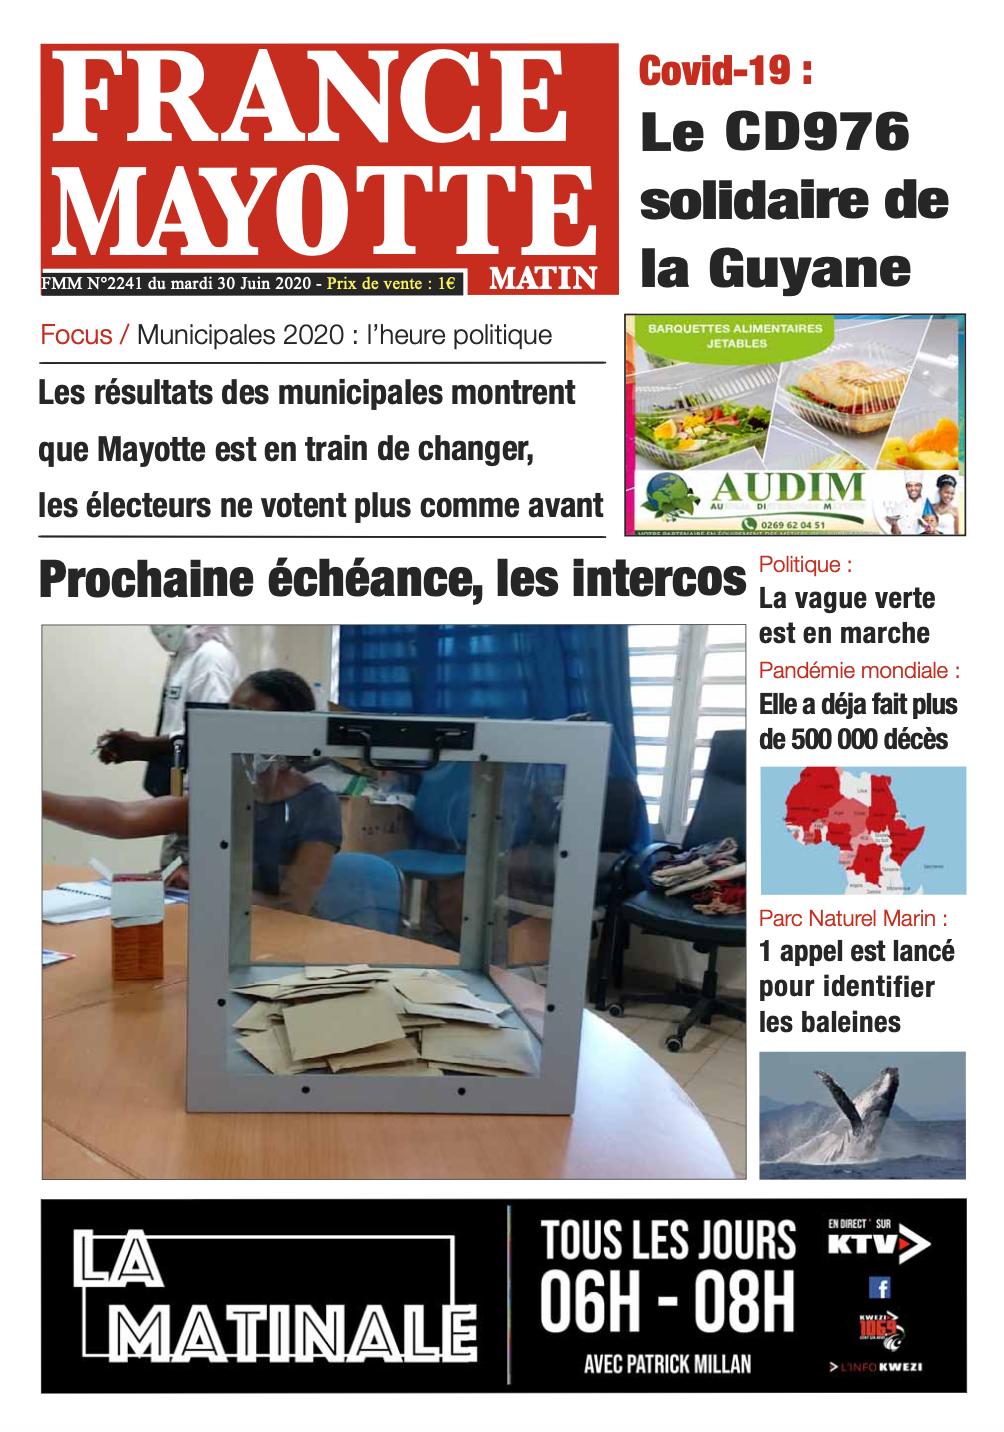 France Mayotte Mardi 30 juin 2020